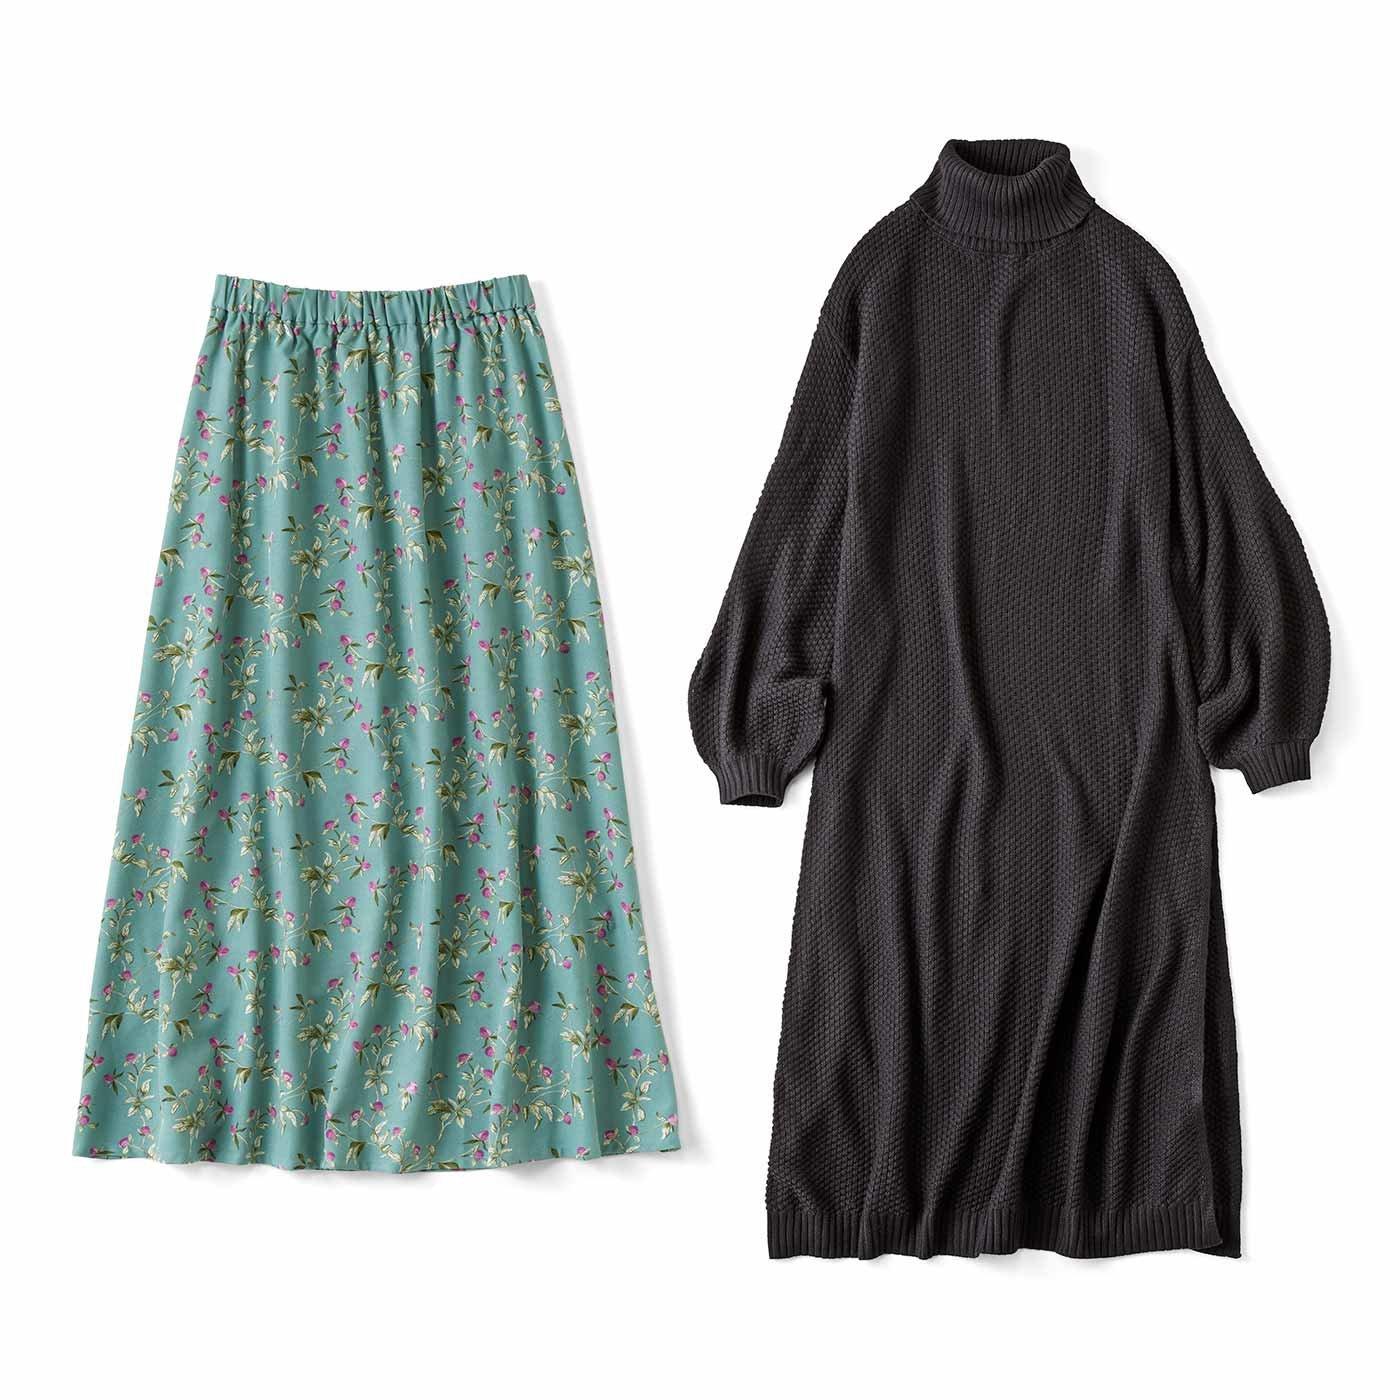 大満足 ロングニットワンピースとスカートのコーデセット〈ブラック〉